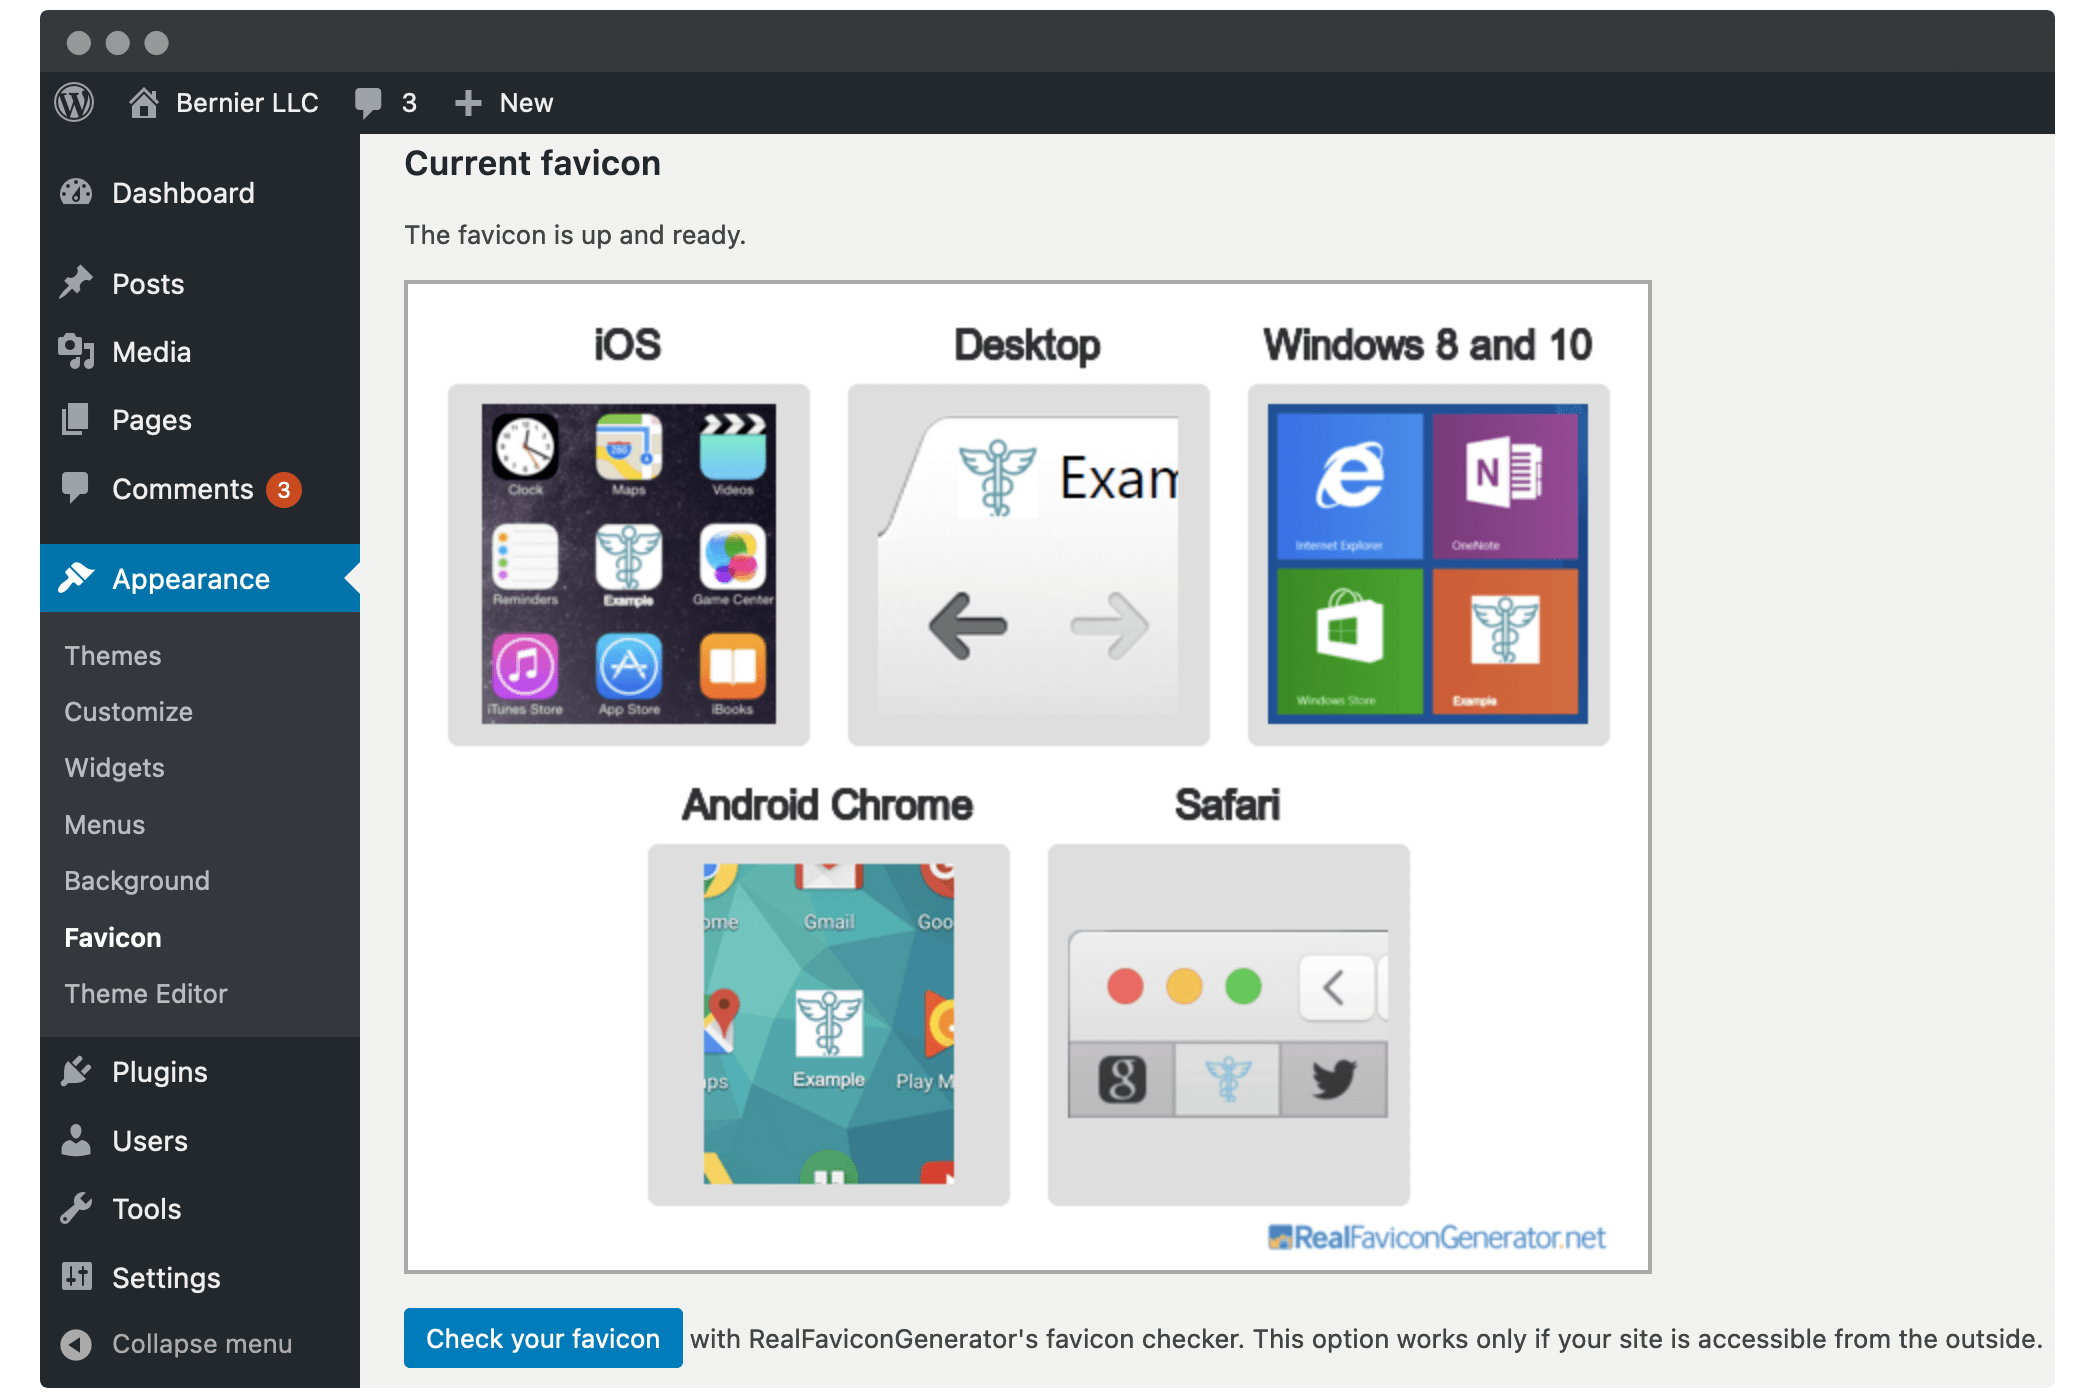 The Favicon plugin's preview screen.